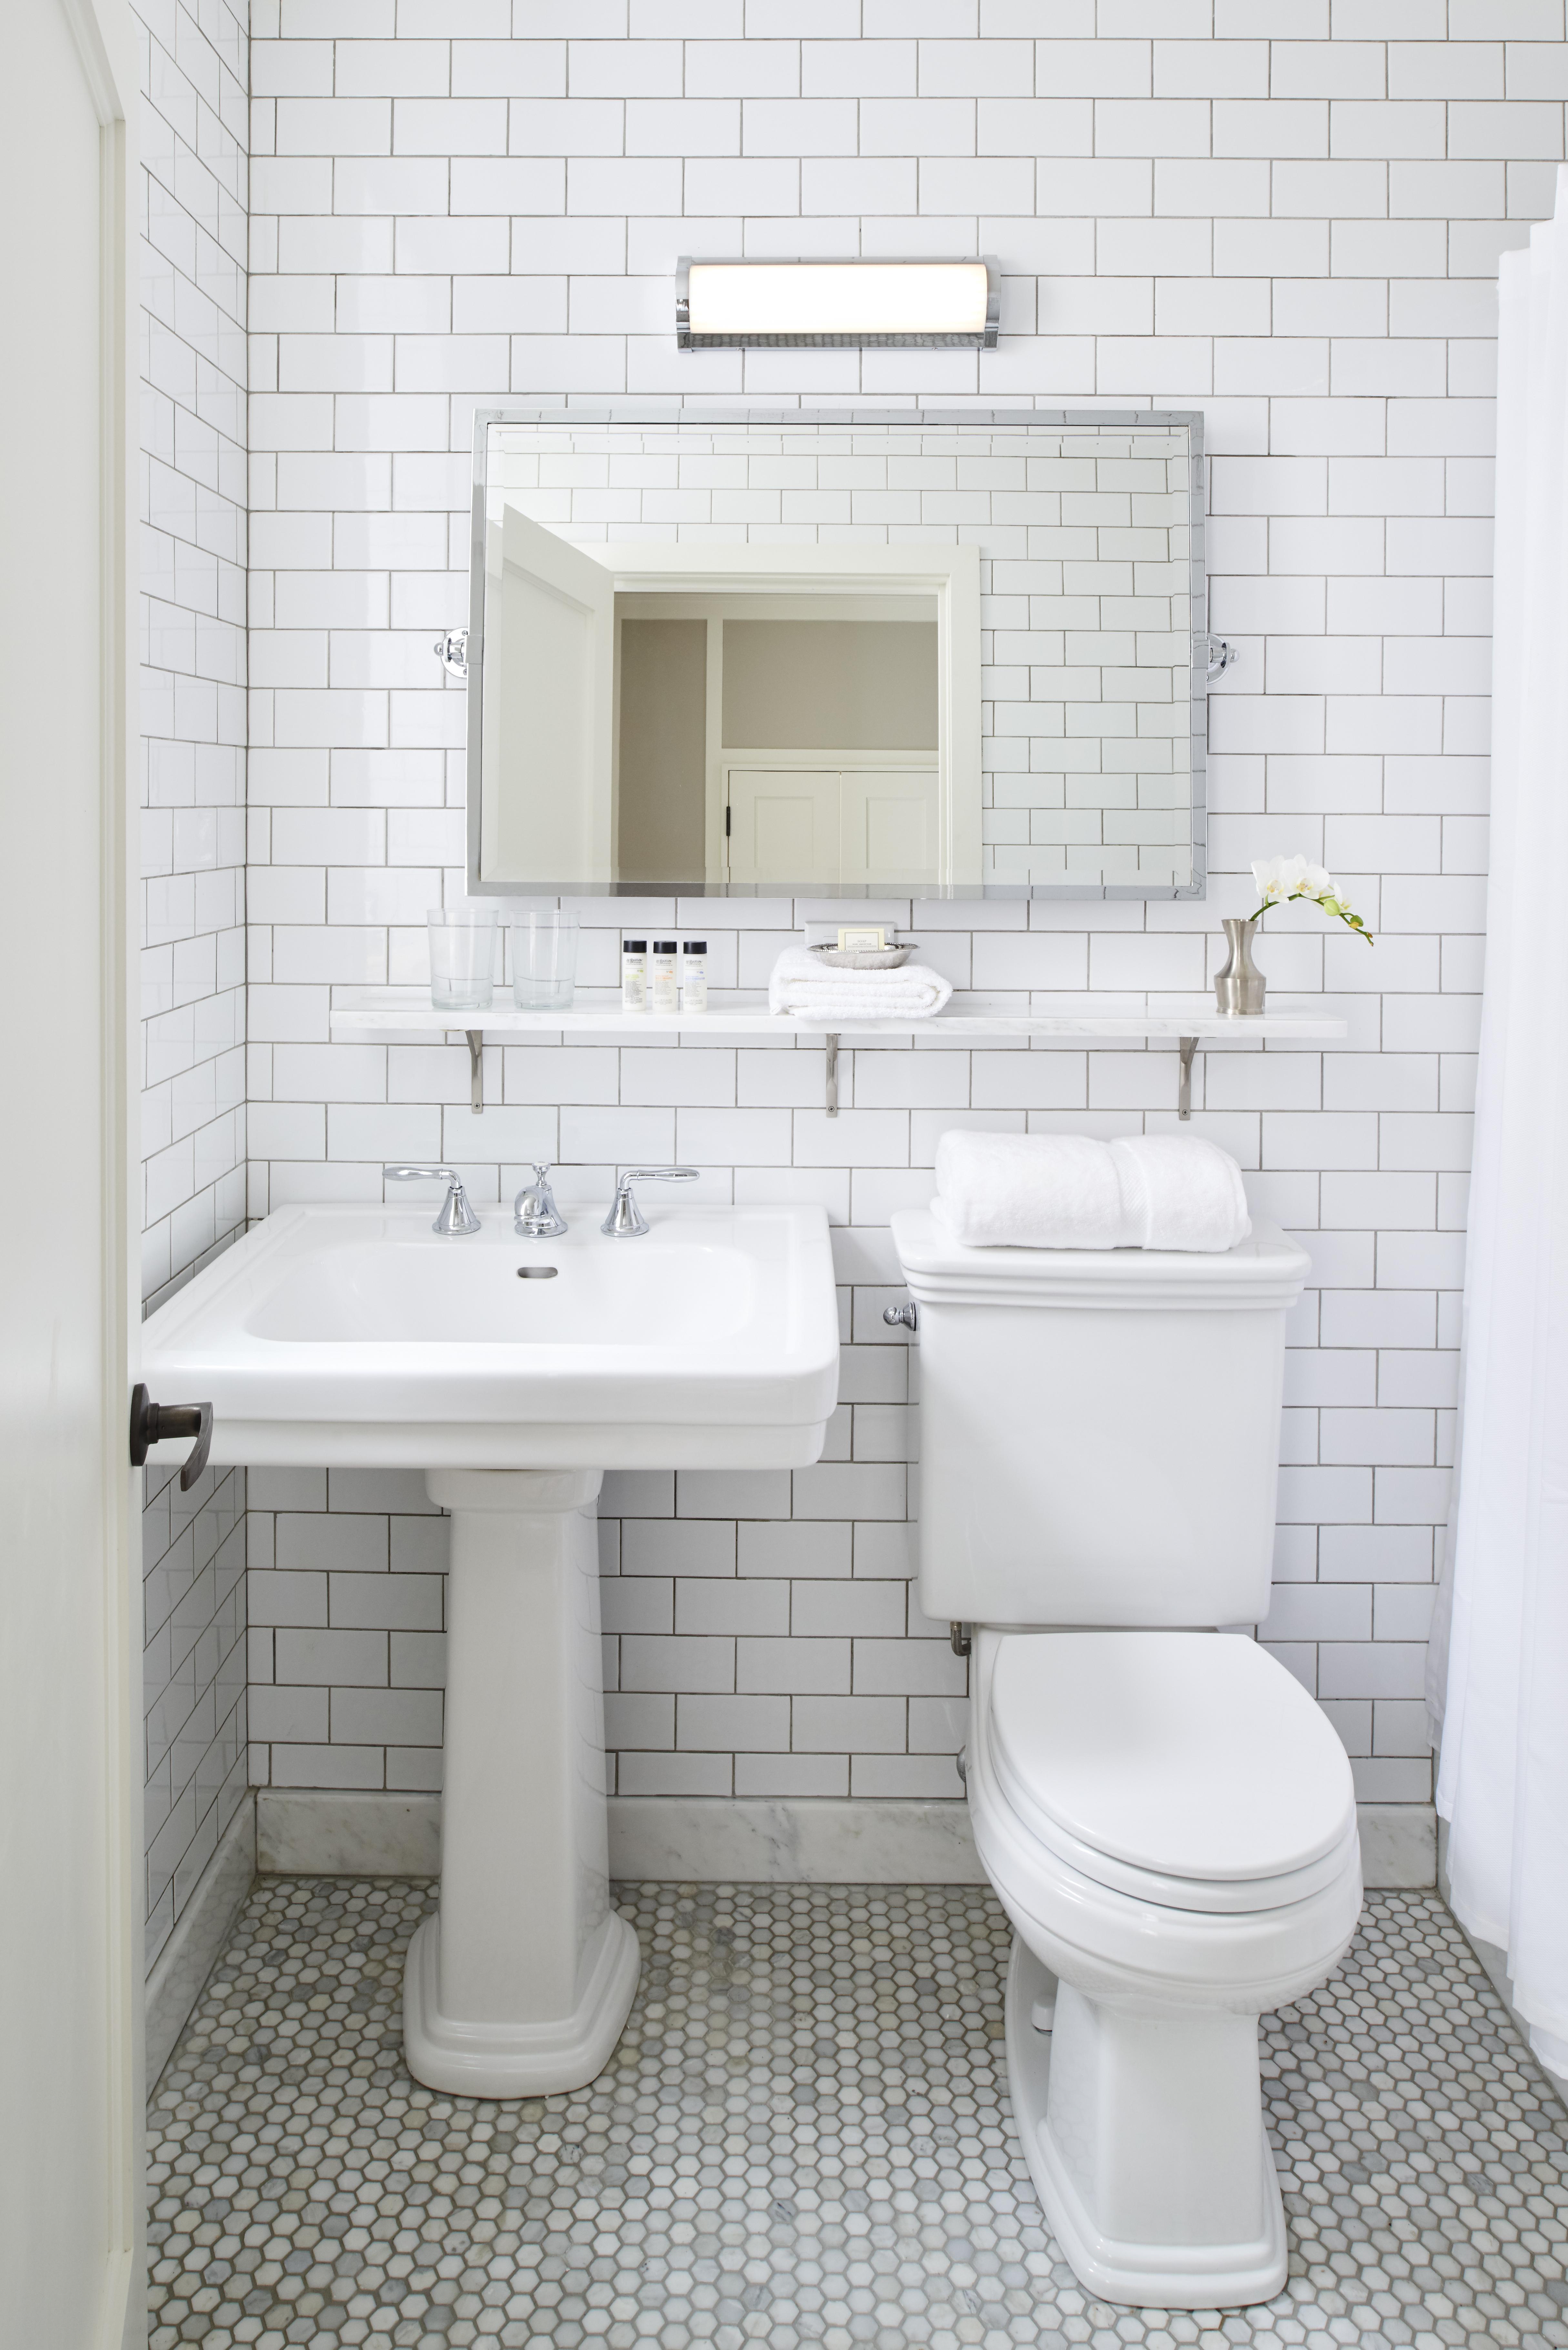 https://www.hotelsbyday.com/_data/default-hotel_image/4/23389/hgu-newyork-inroom-bathroom.jpg